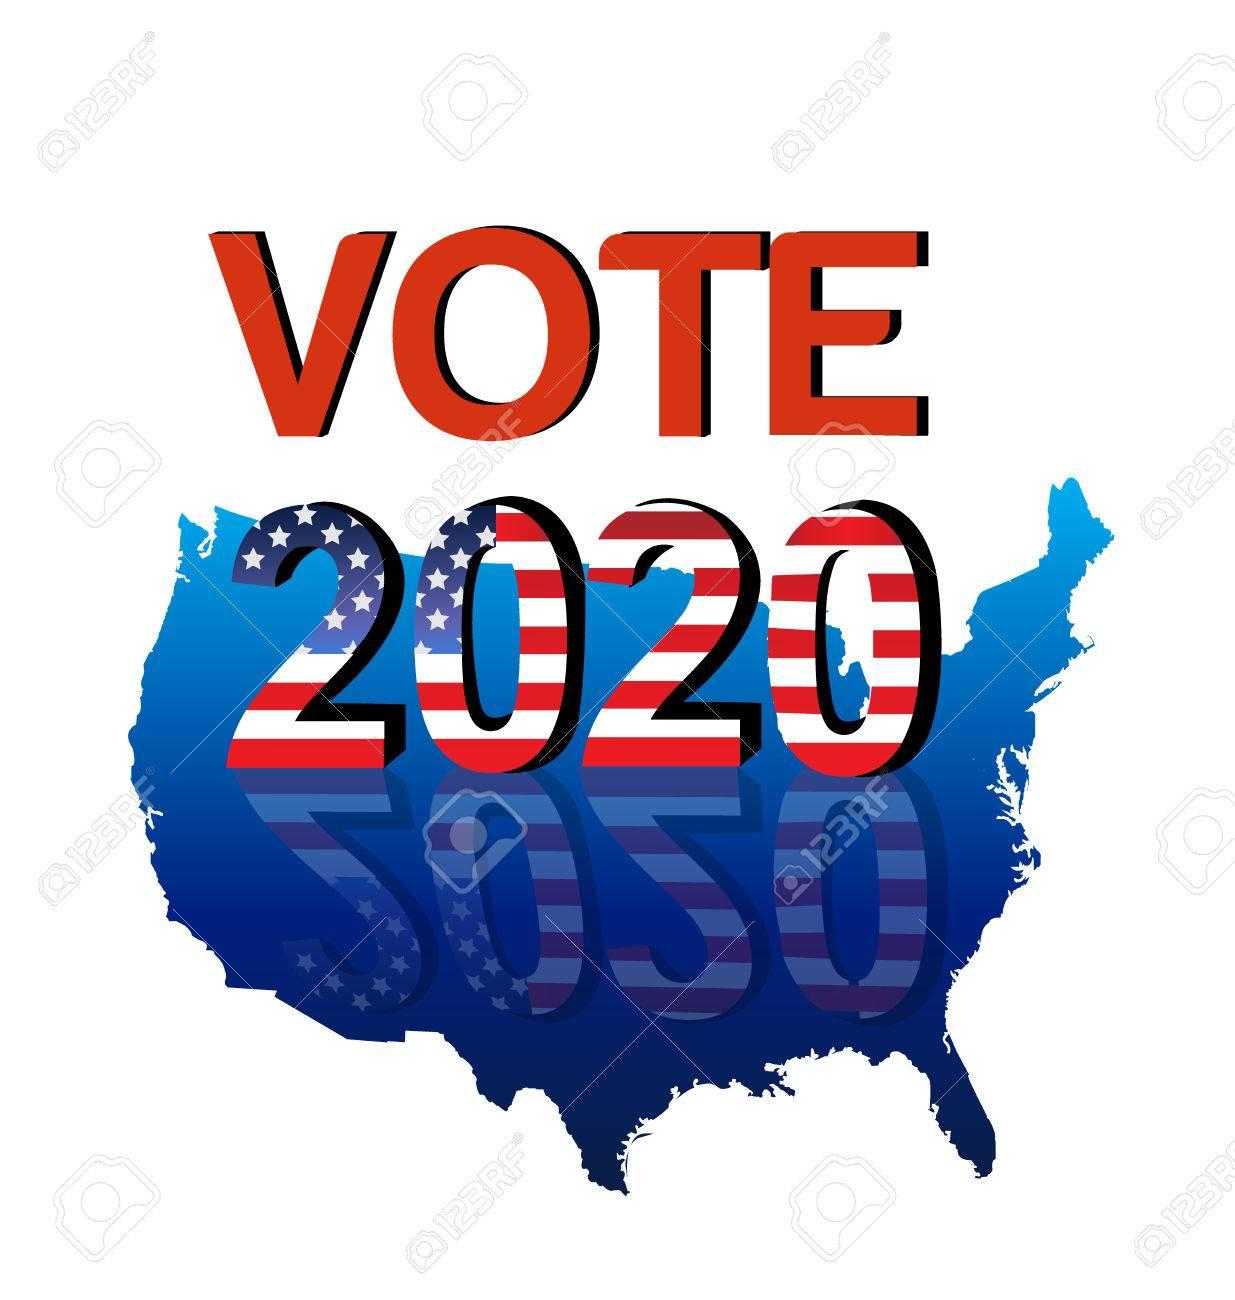 Risultati immagini per usa vote 2020